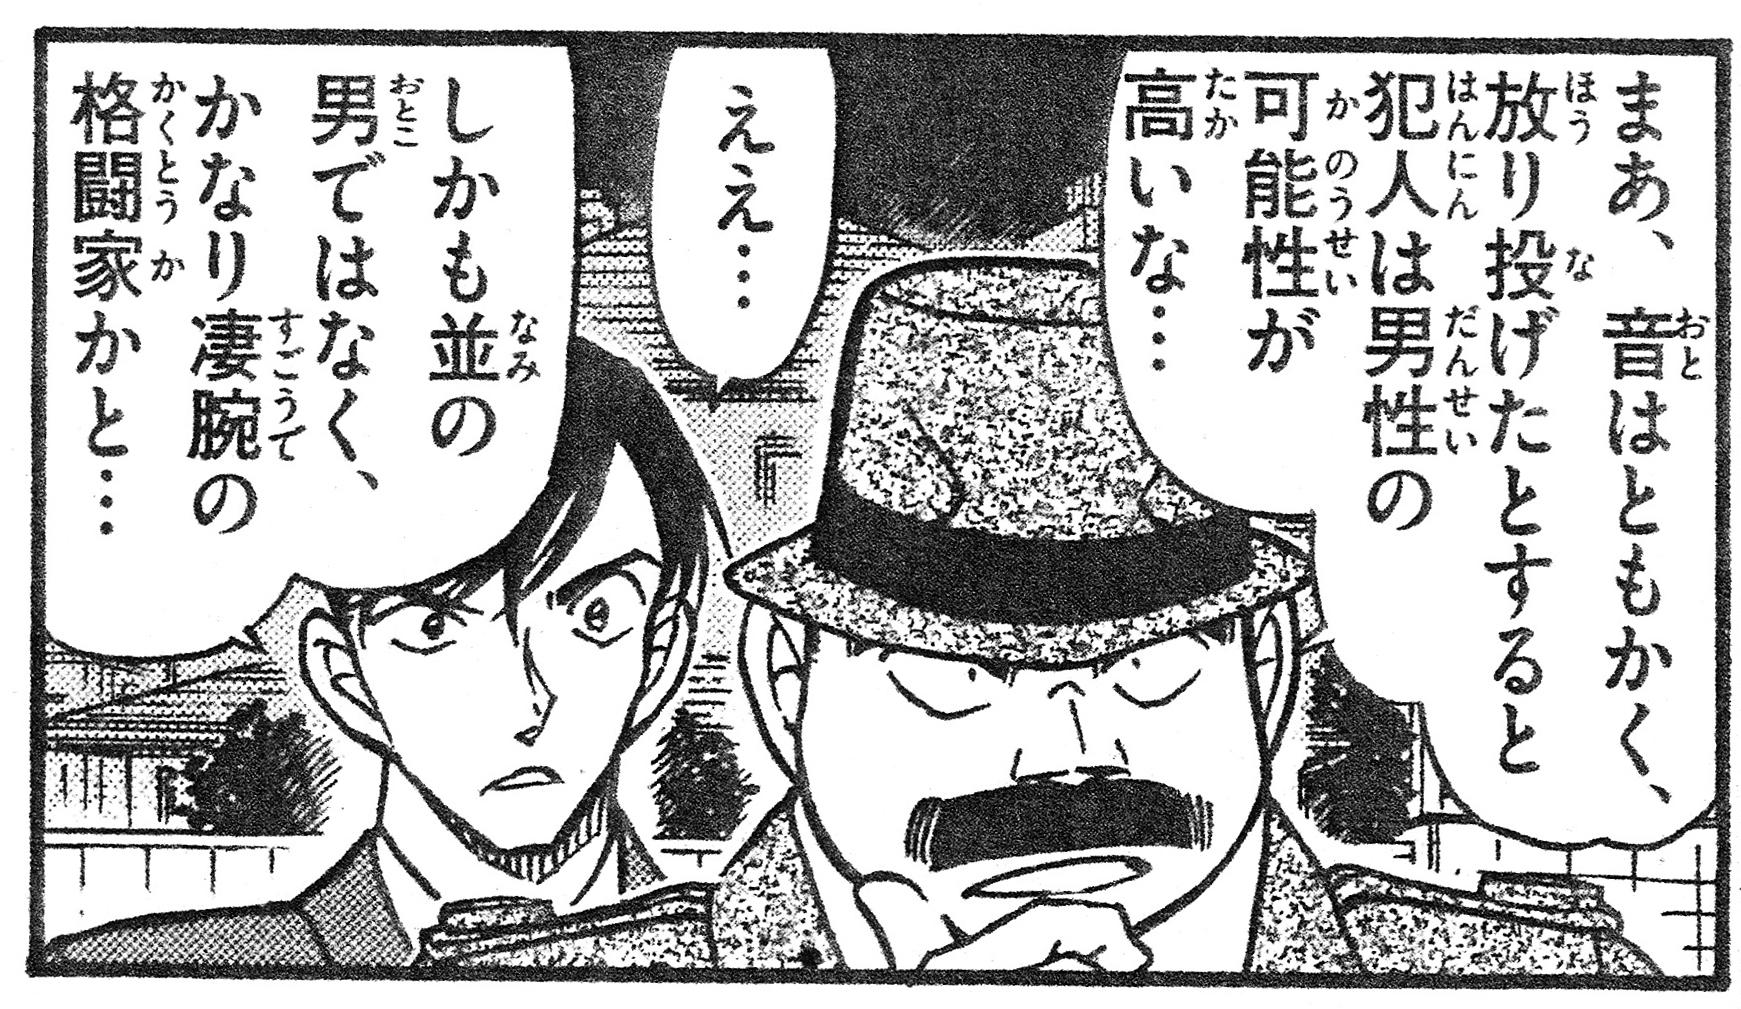 7_名探偵コナン_59巻_t.jpg